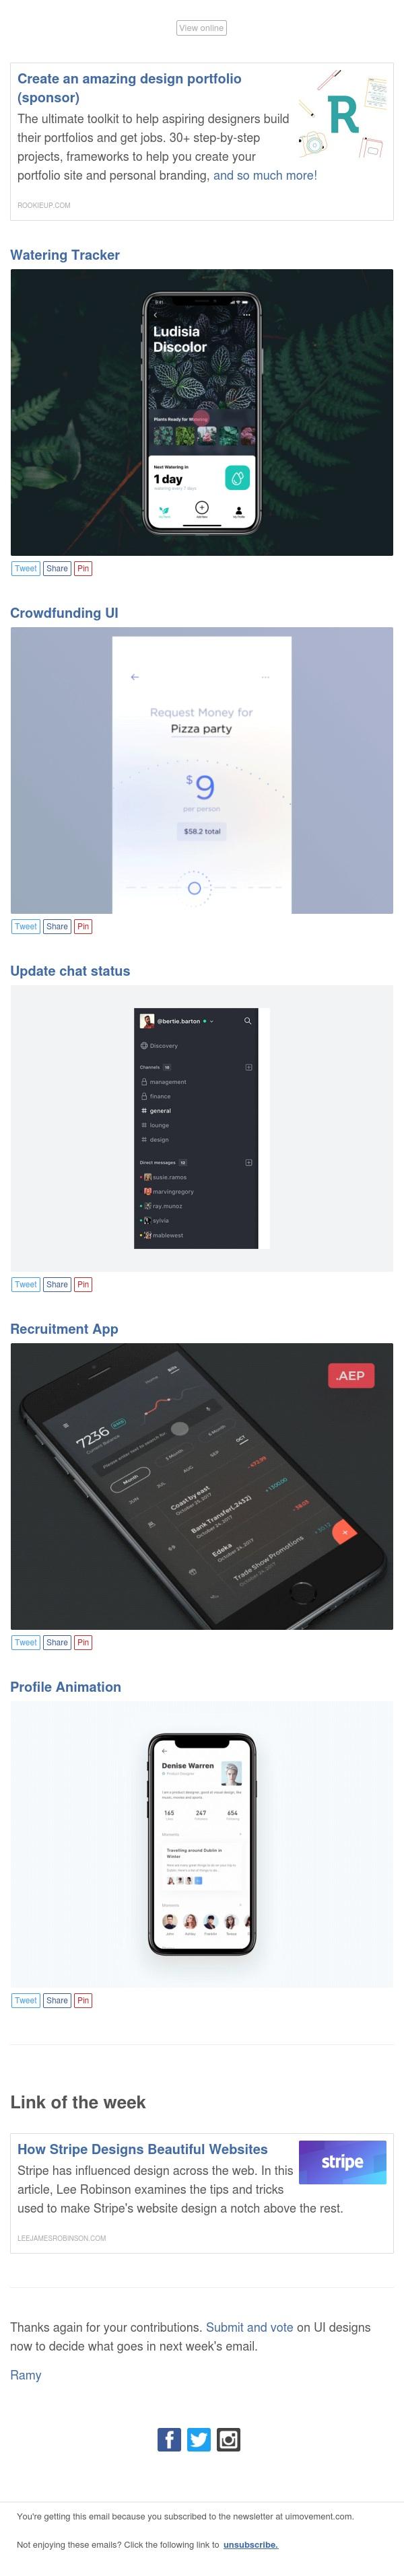 Top 5 UI designs this week